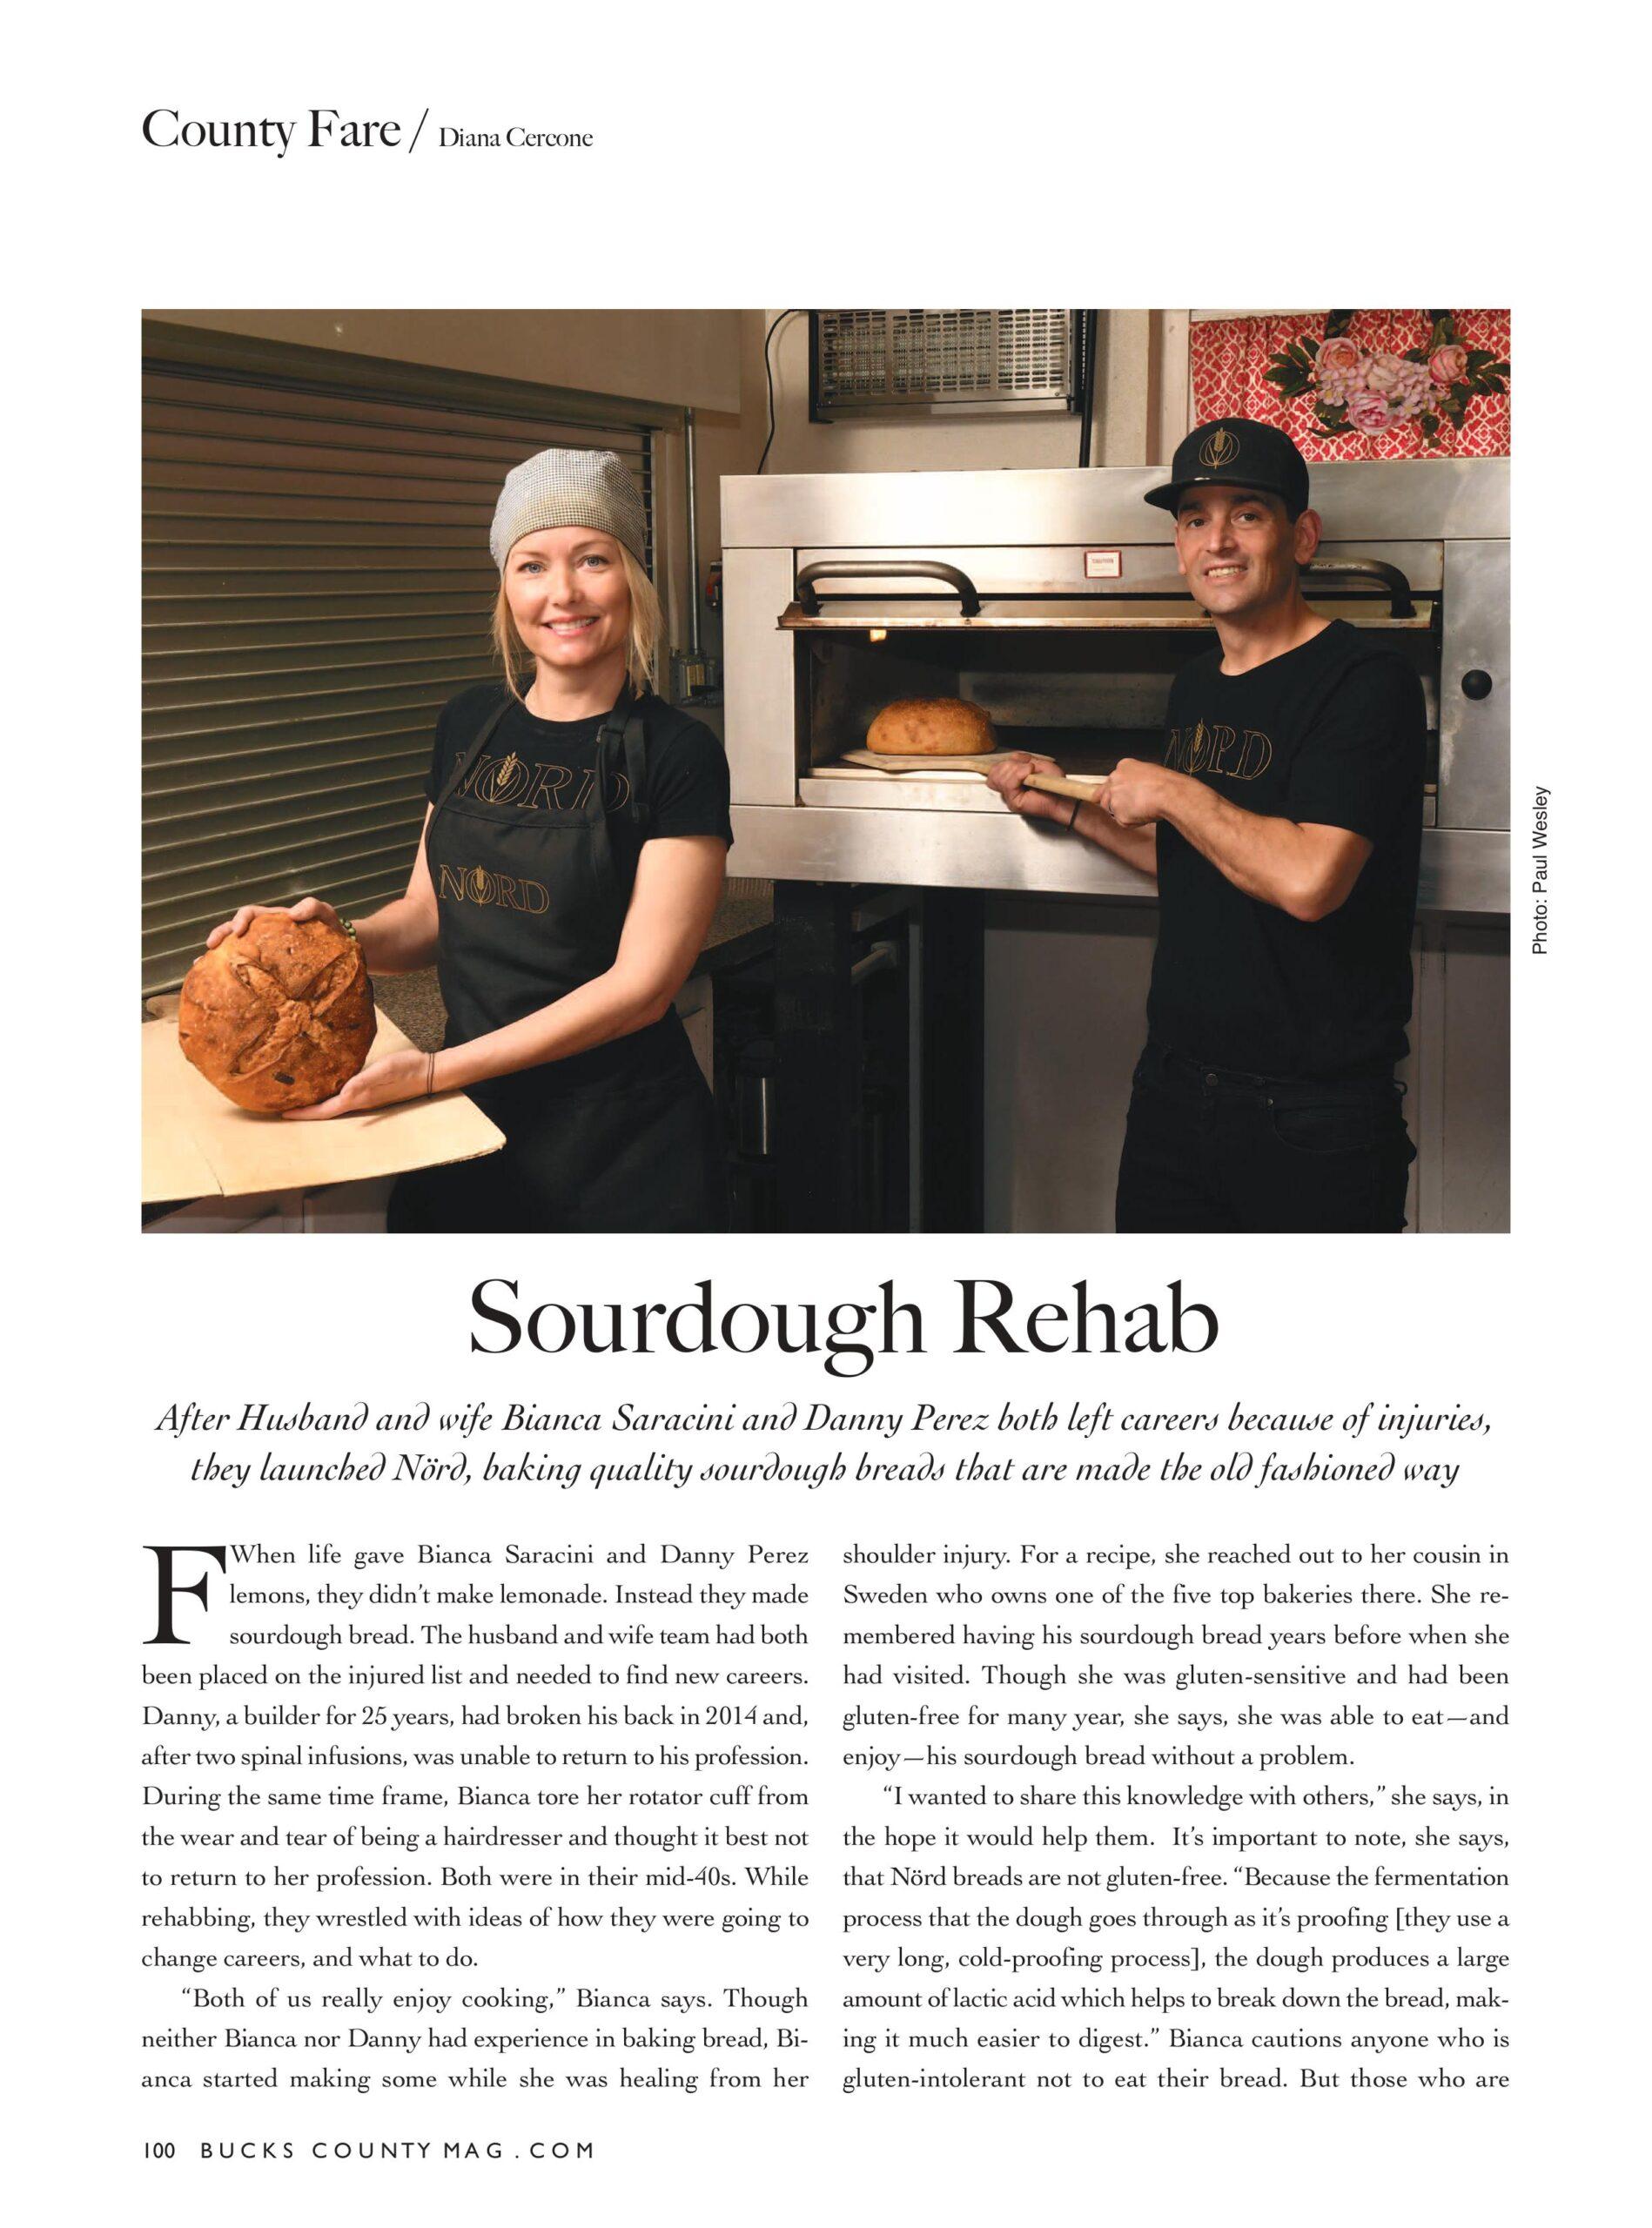 Sourdough Rehab Page 1